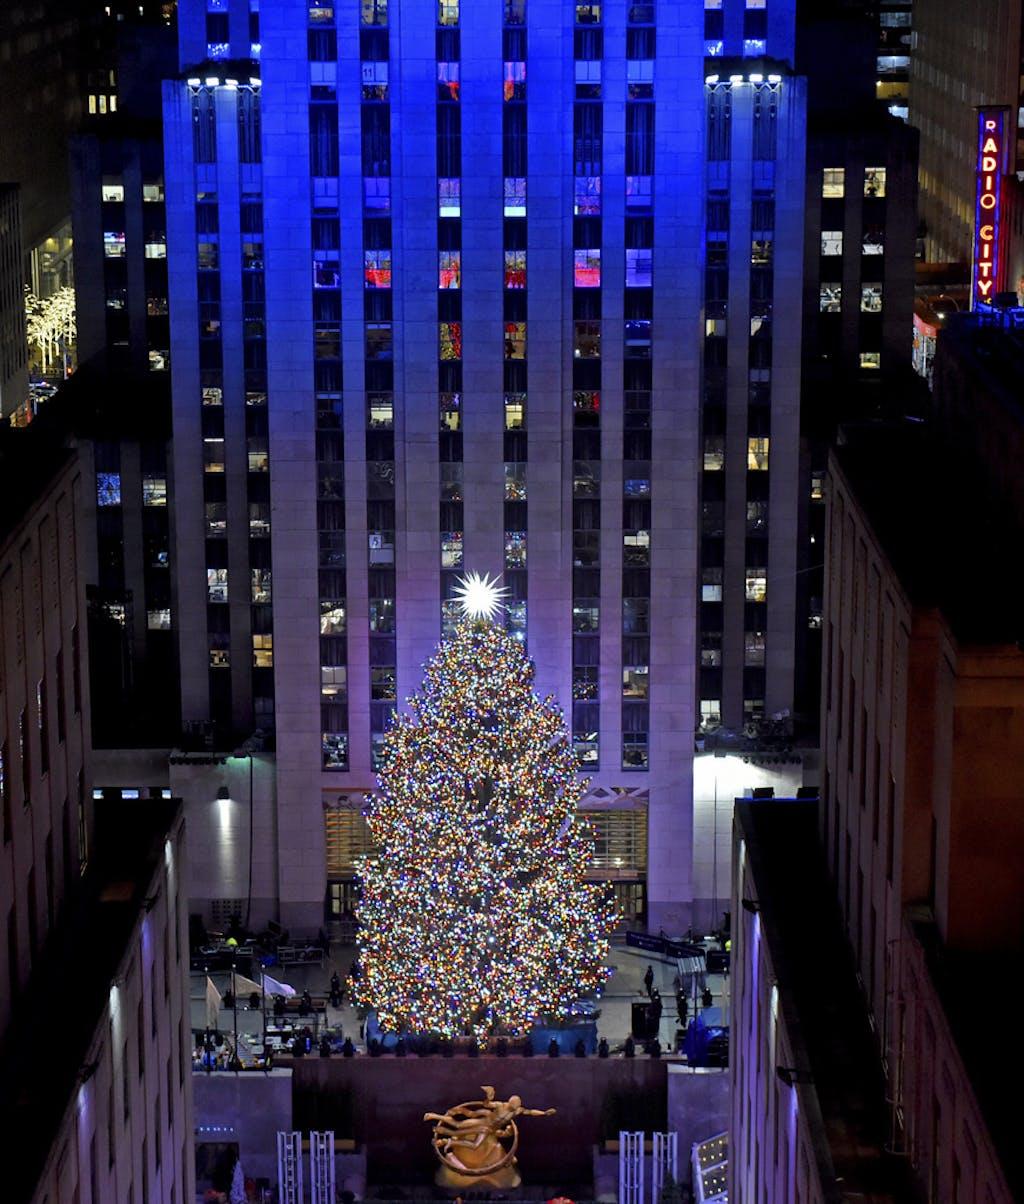 Immagini Di Natale Nel Mondo.Gli Alberi Di Natale Nel Mondo